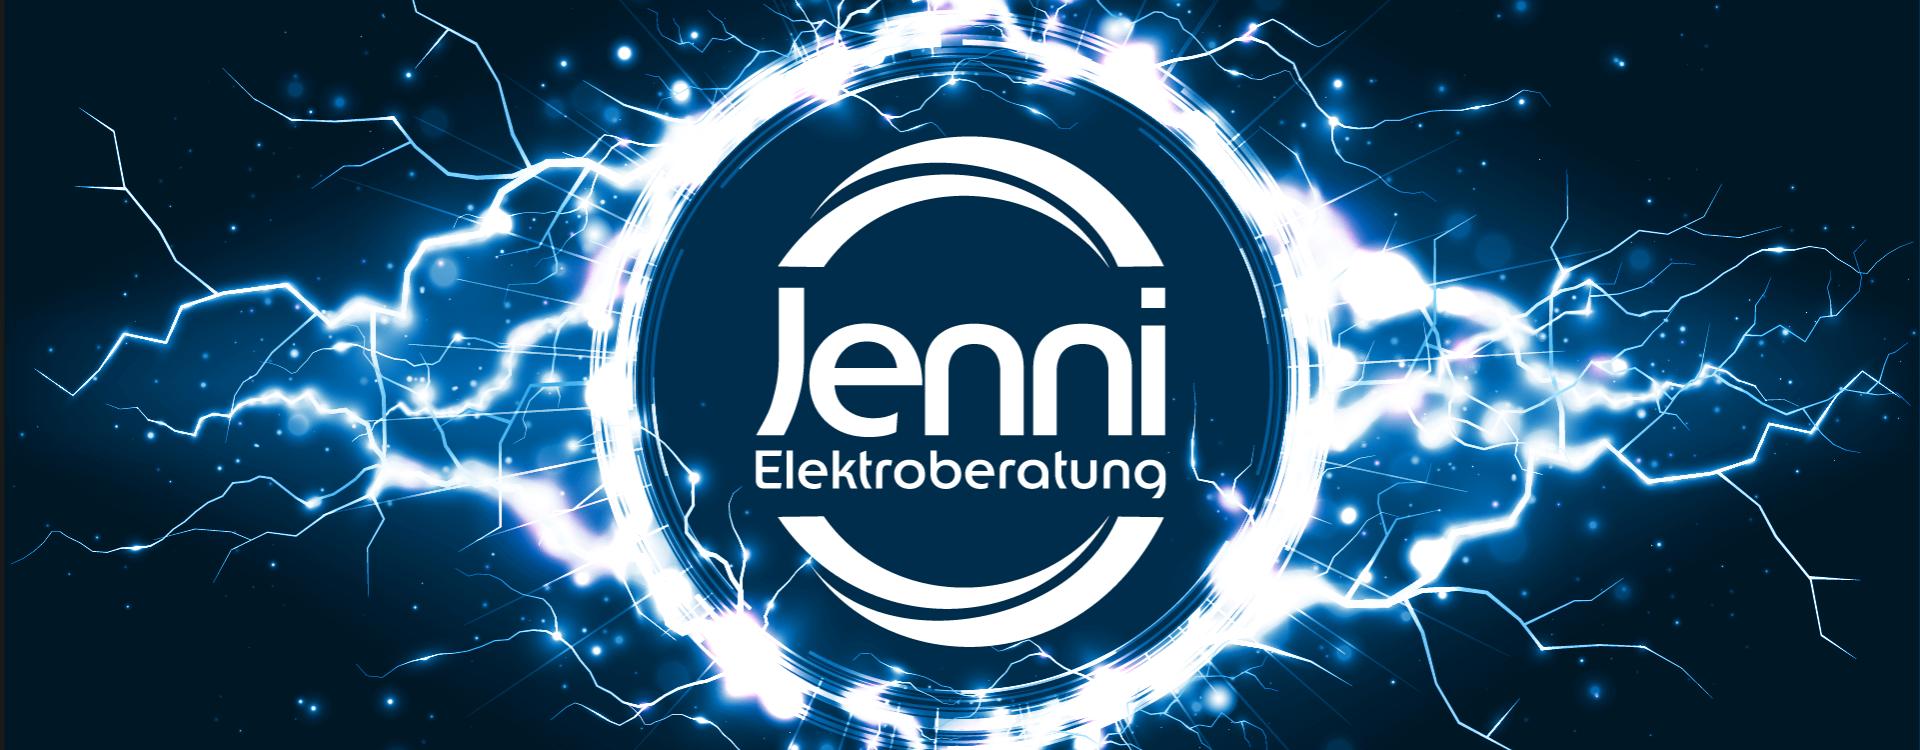 Elektroberatung Roger Jenni